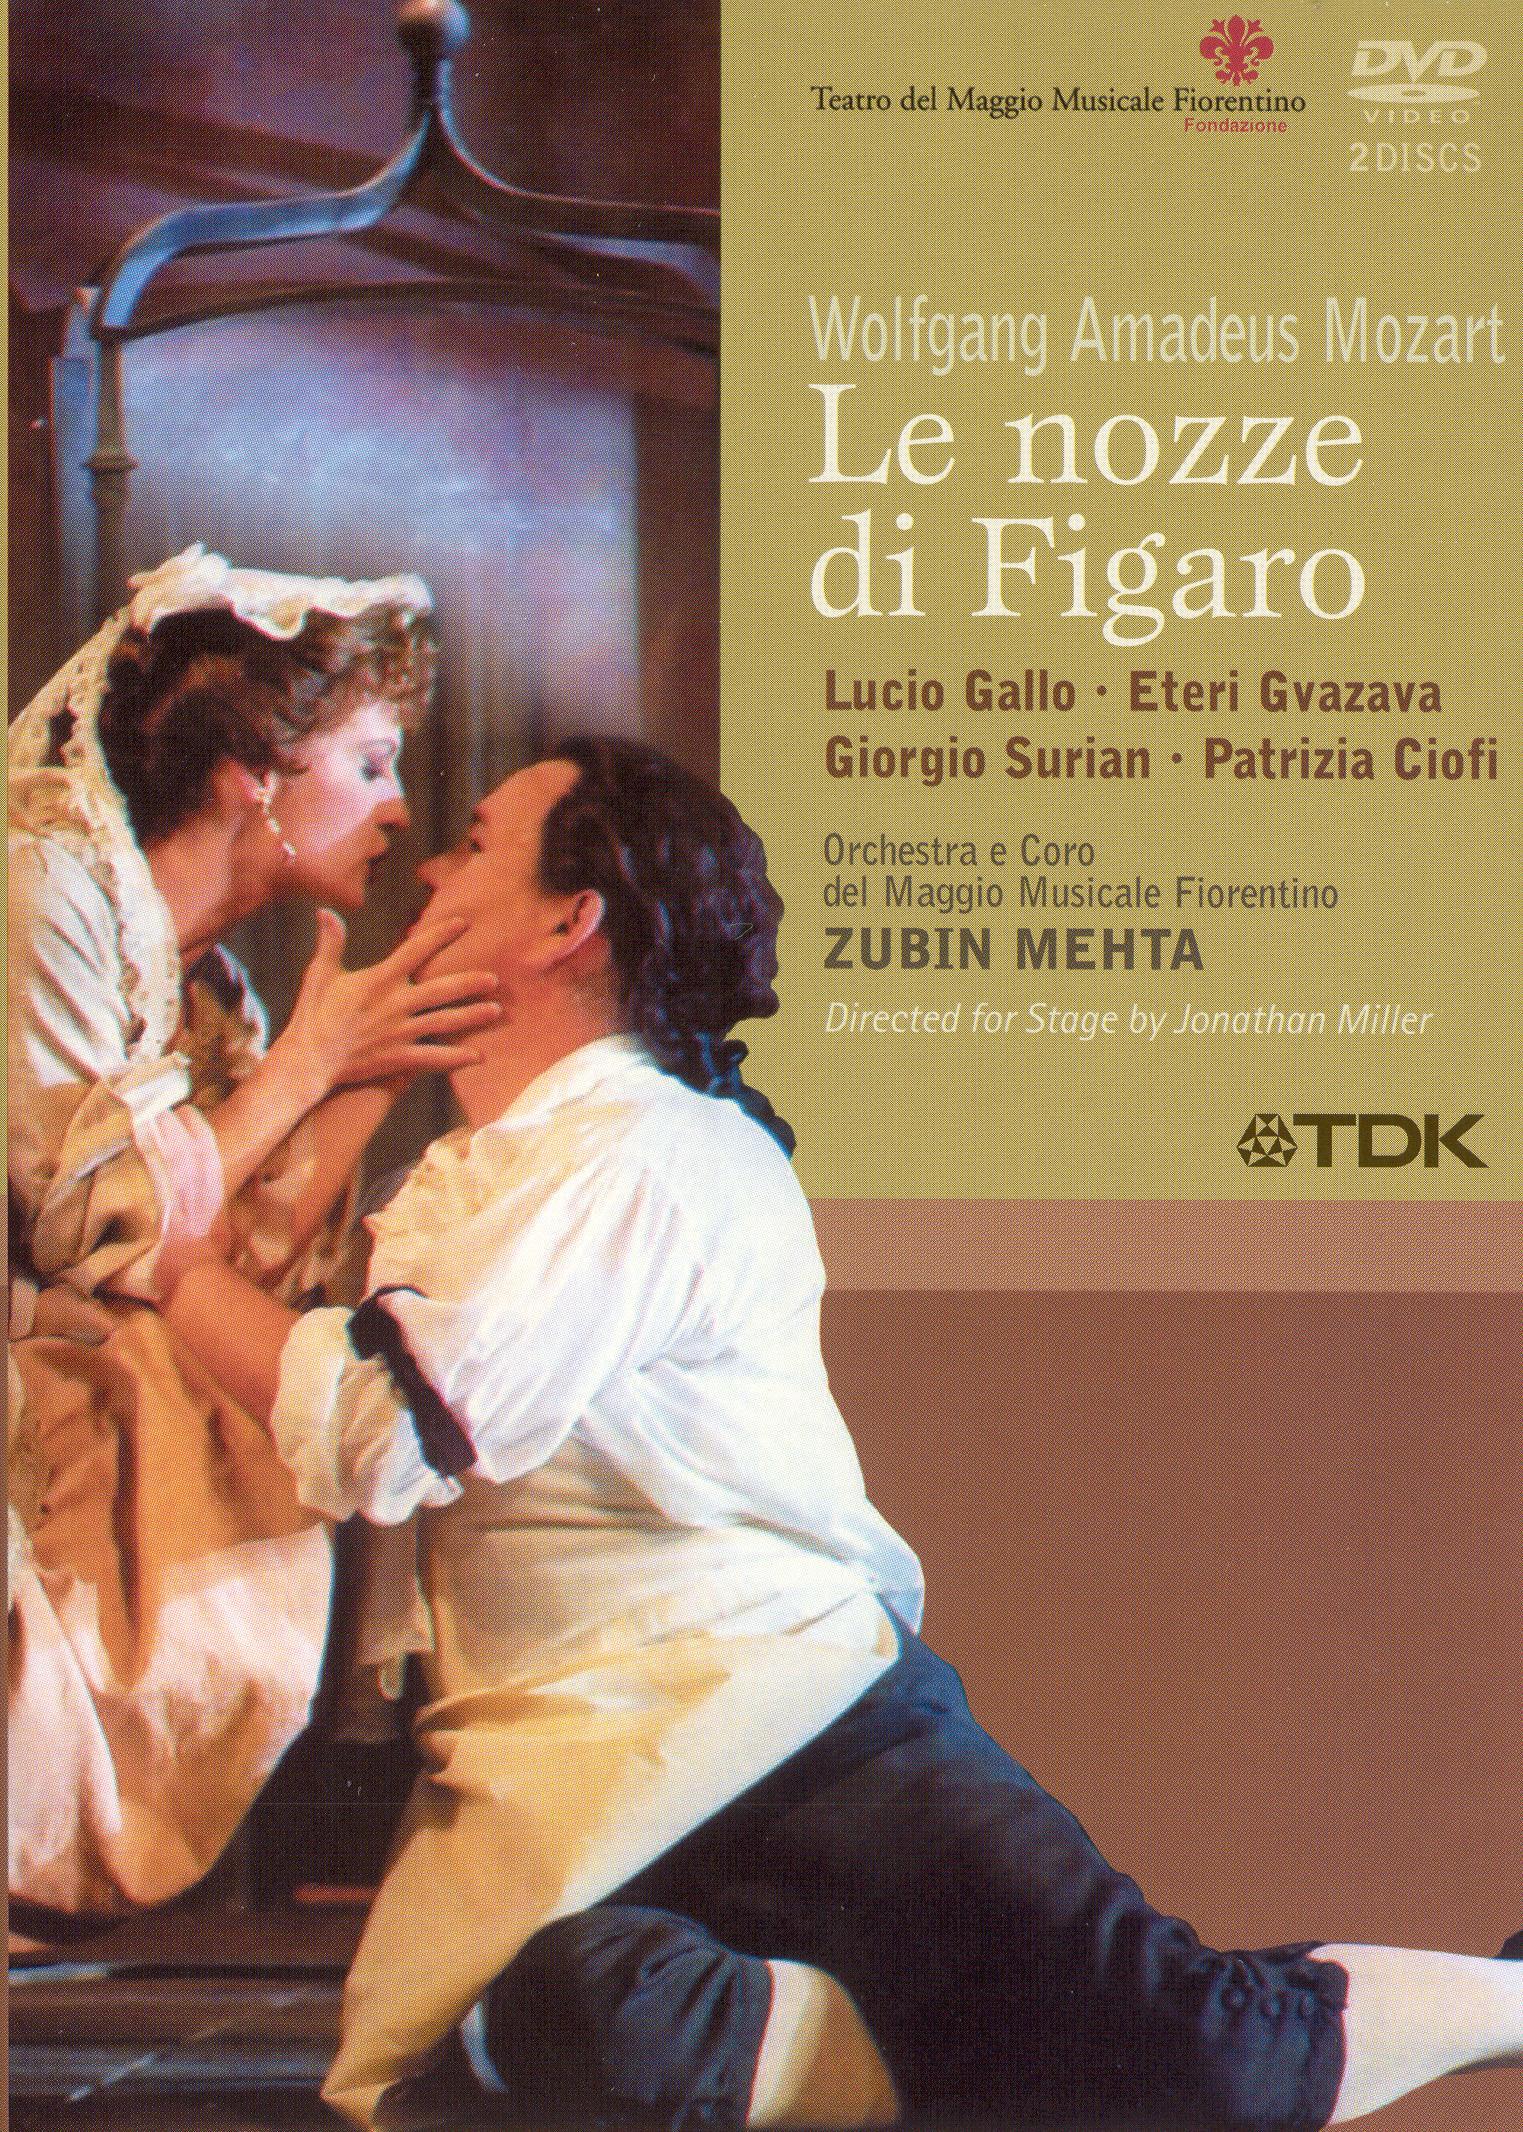 Le Nozze di Figaro (Teatro del Maggio Musicale Fiorentino)